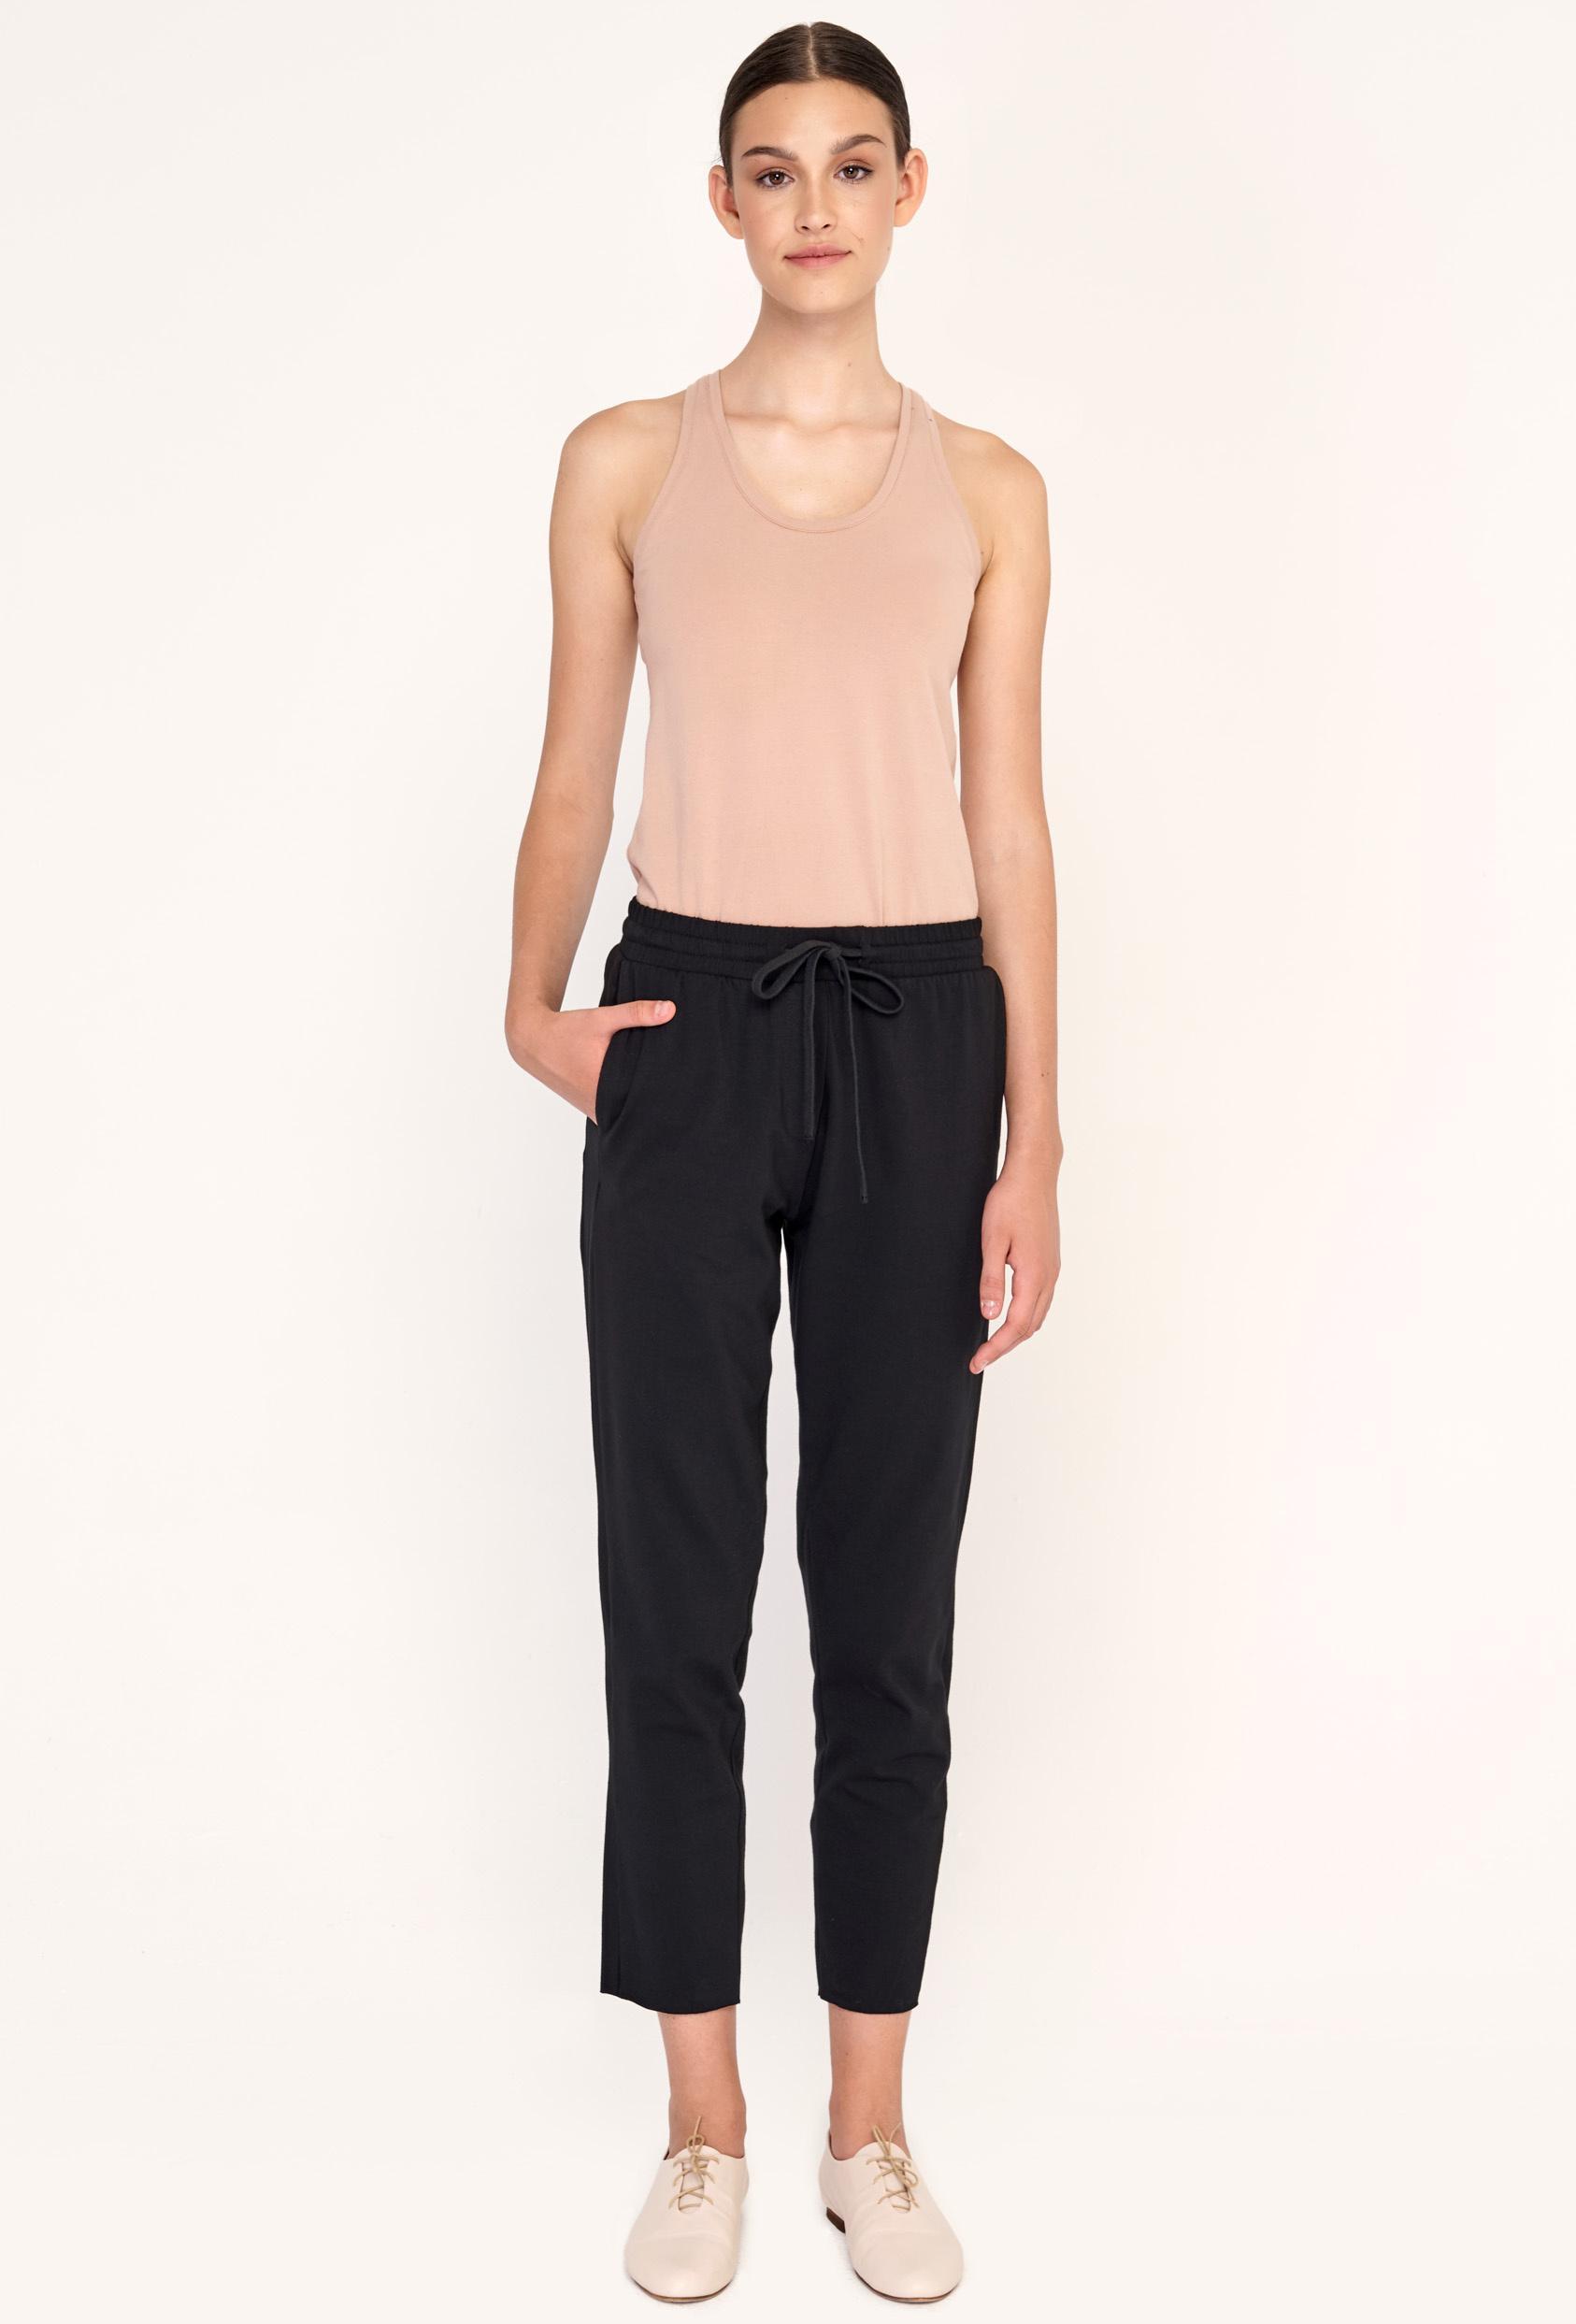 Spodnie proste TILDA PANTS czarne